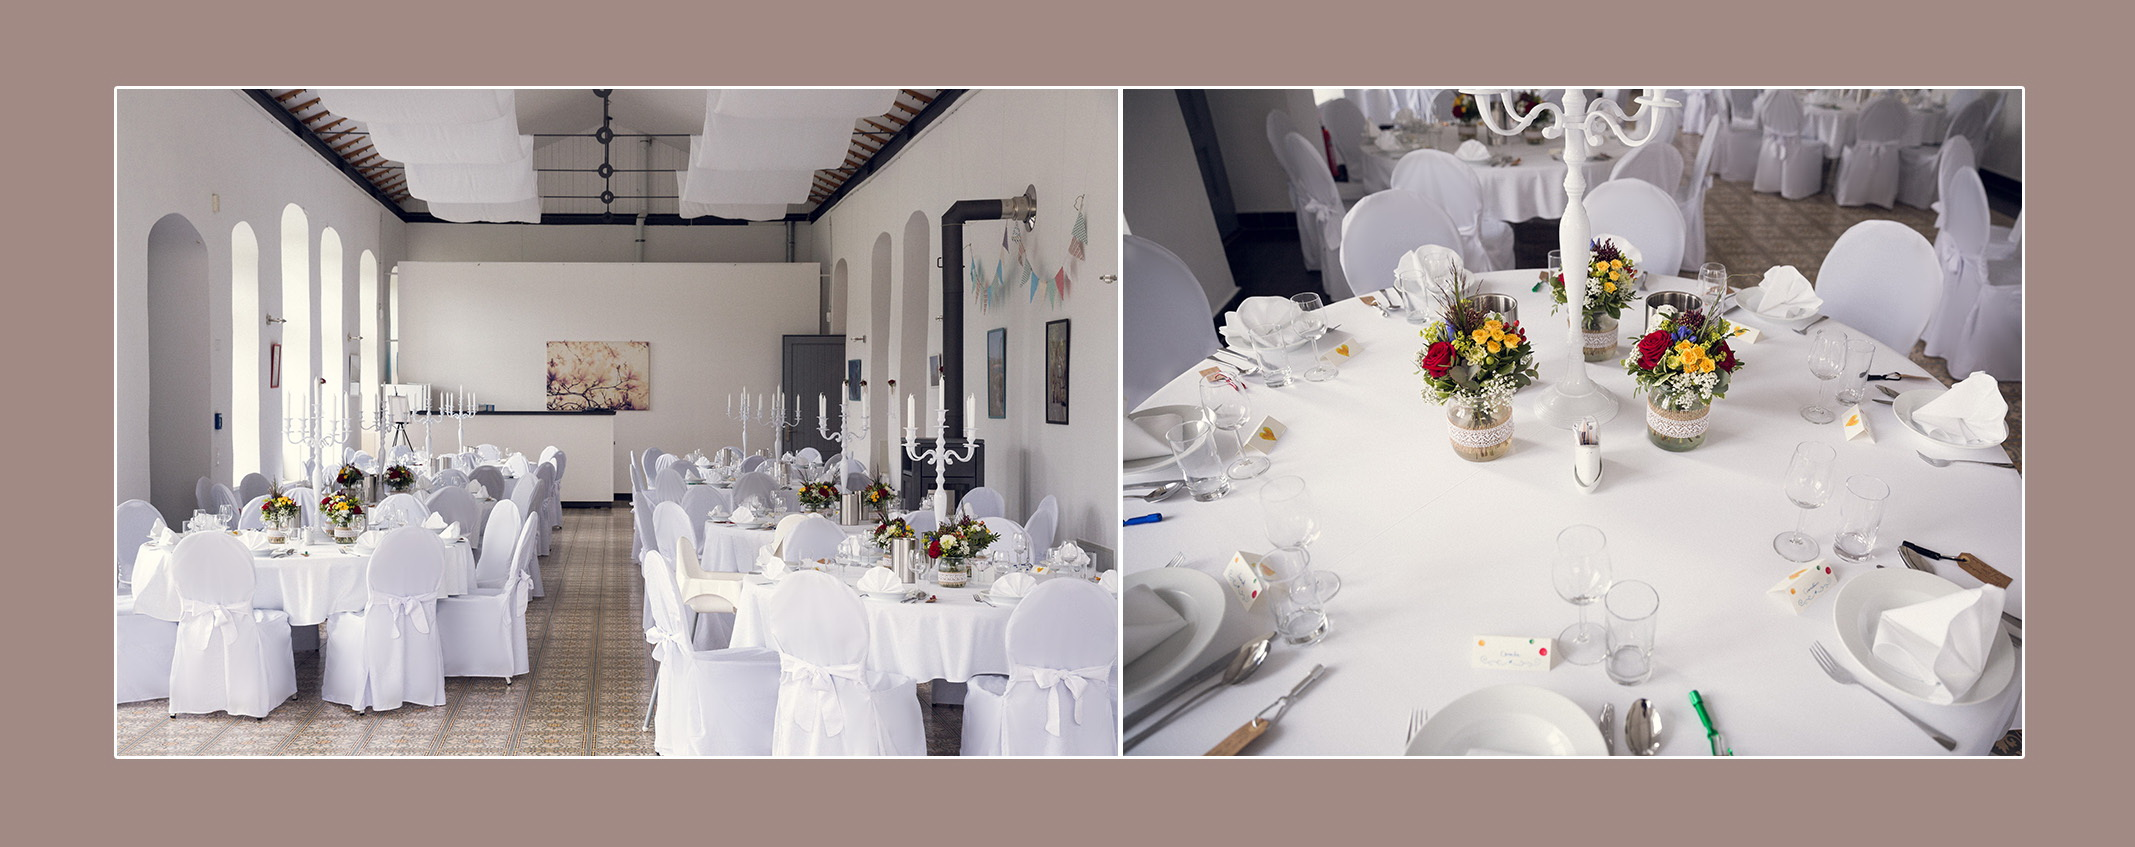 Gut-Zichtau-Hochzeitslocation-Gardelegen